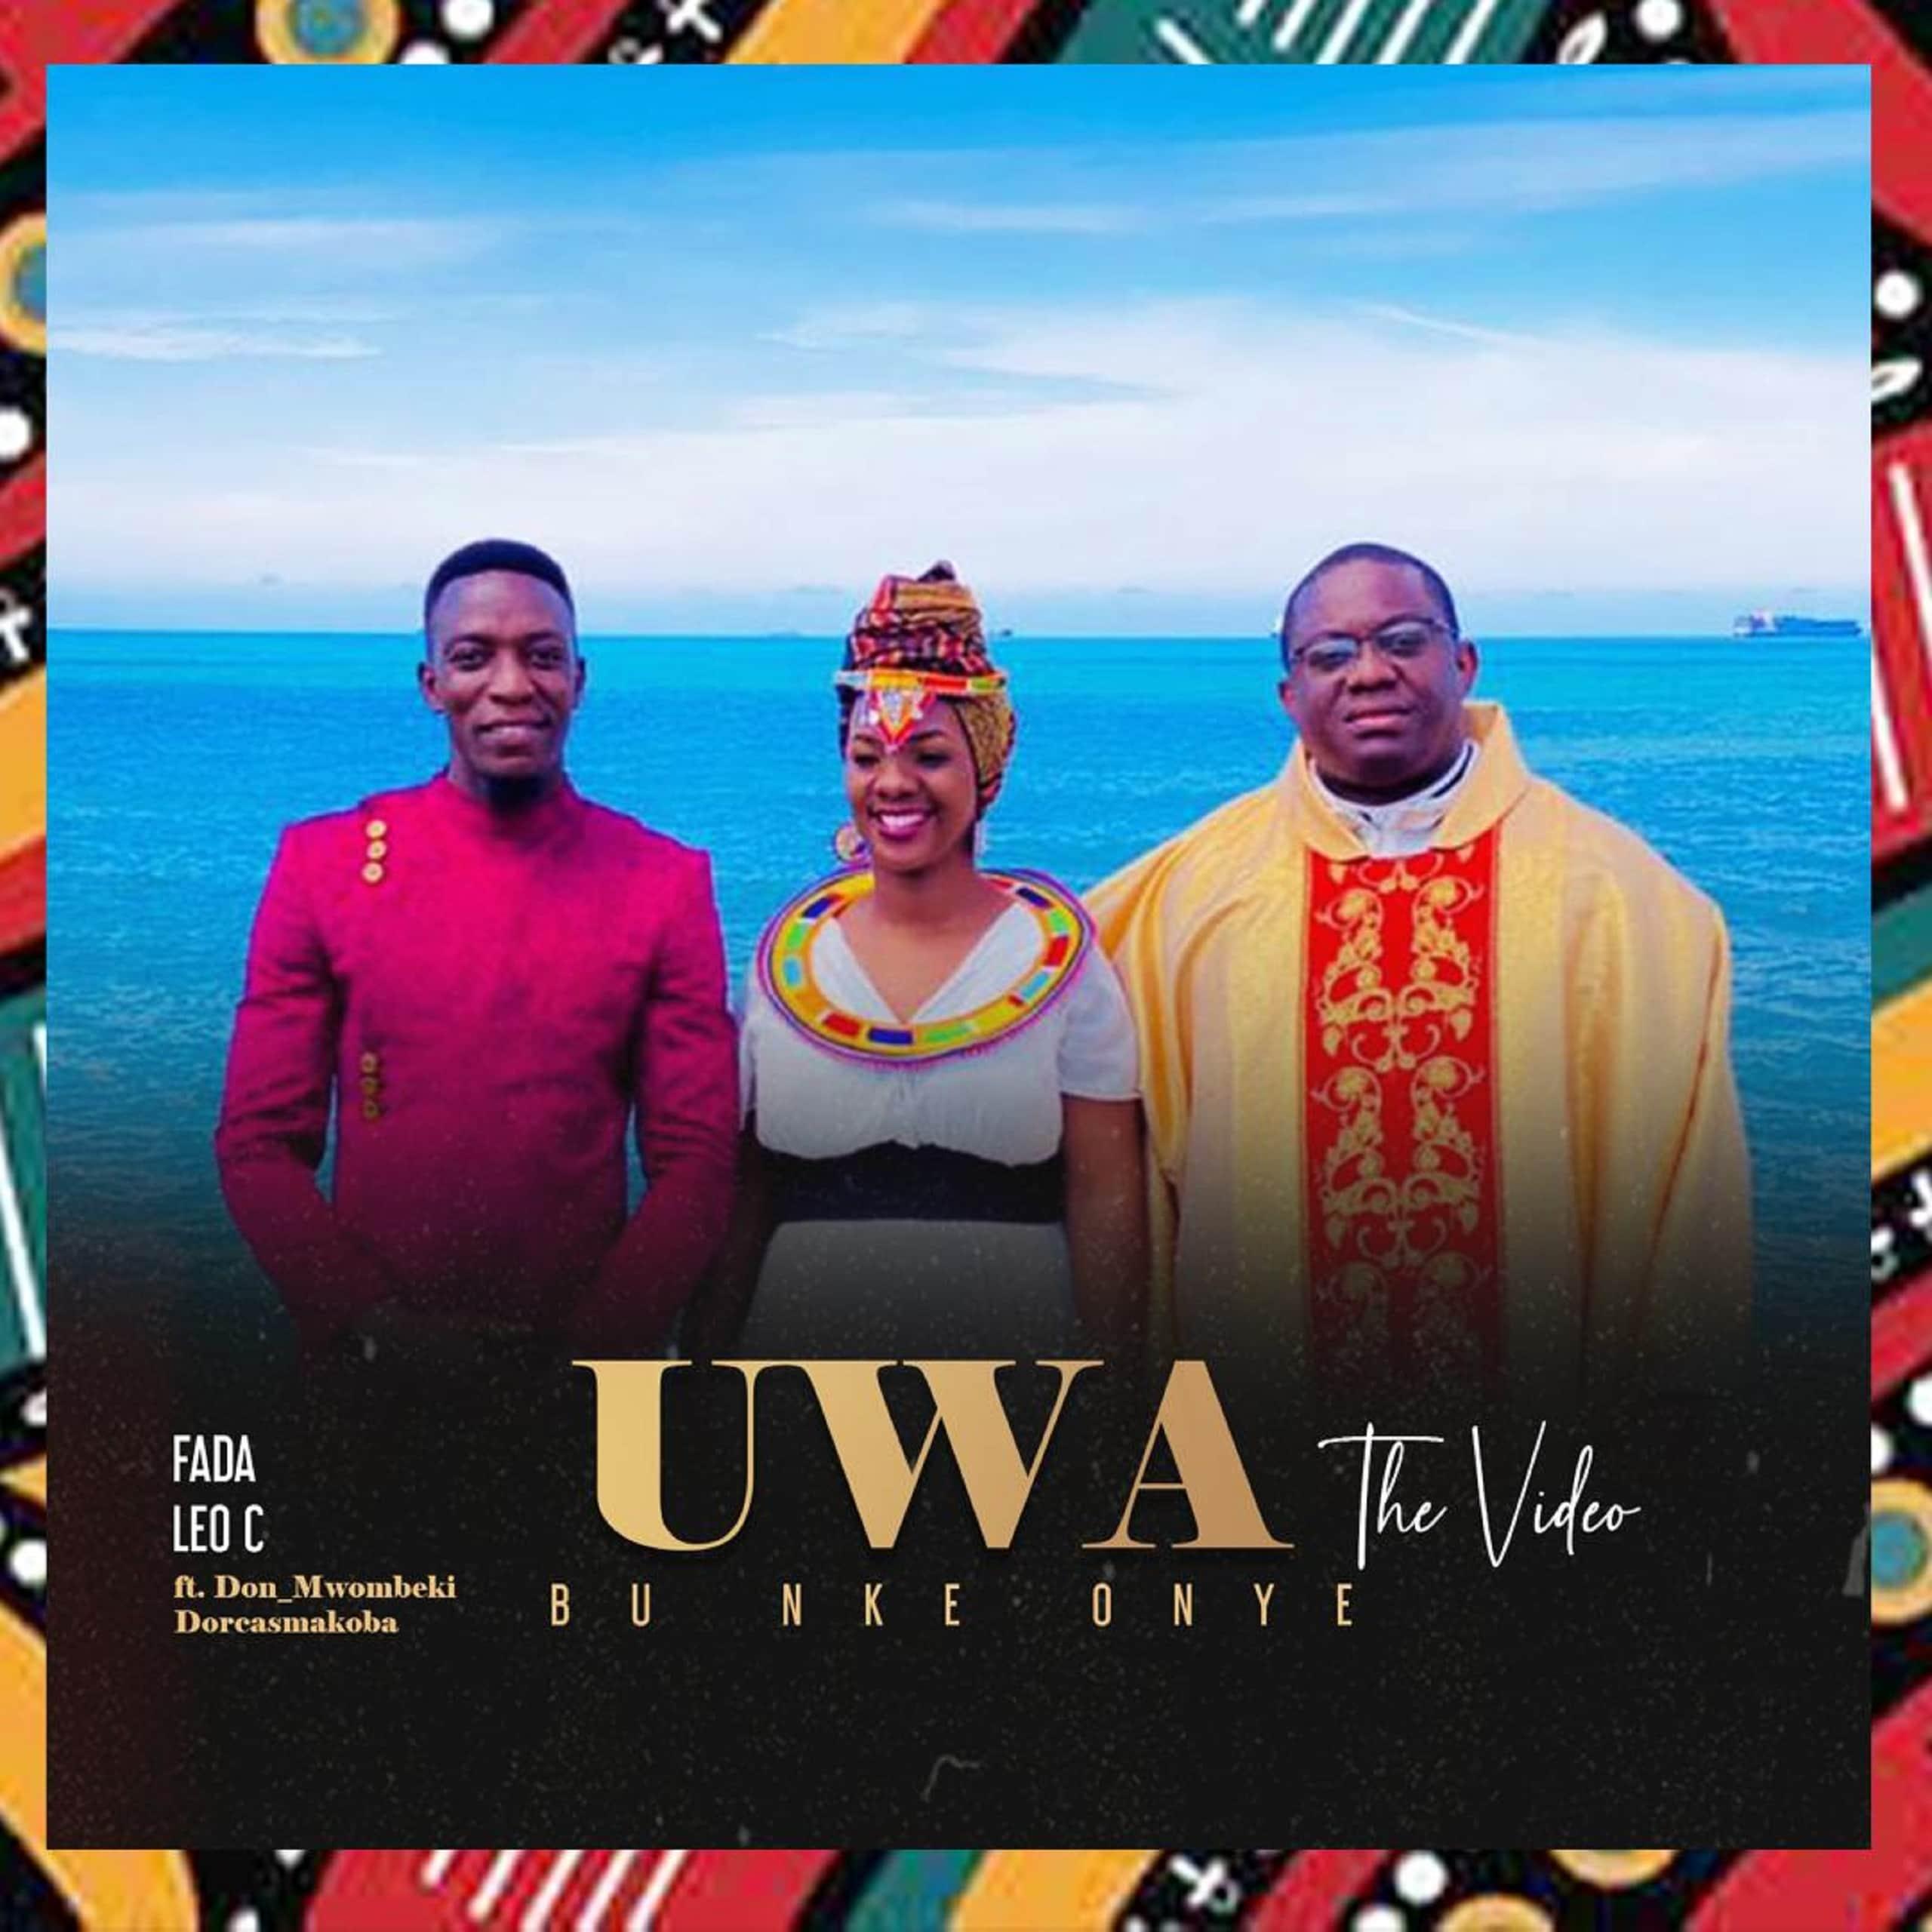 Fada Leo C Ft. Don_Mwombeki & Dorcasmakoba - Uwa